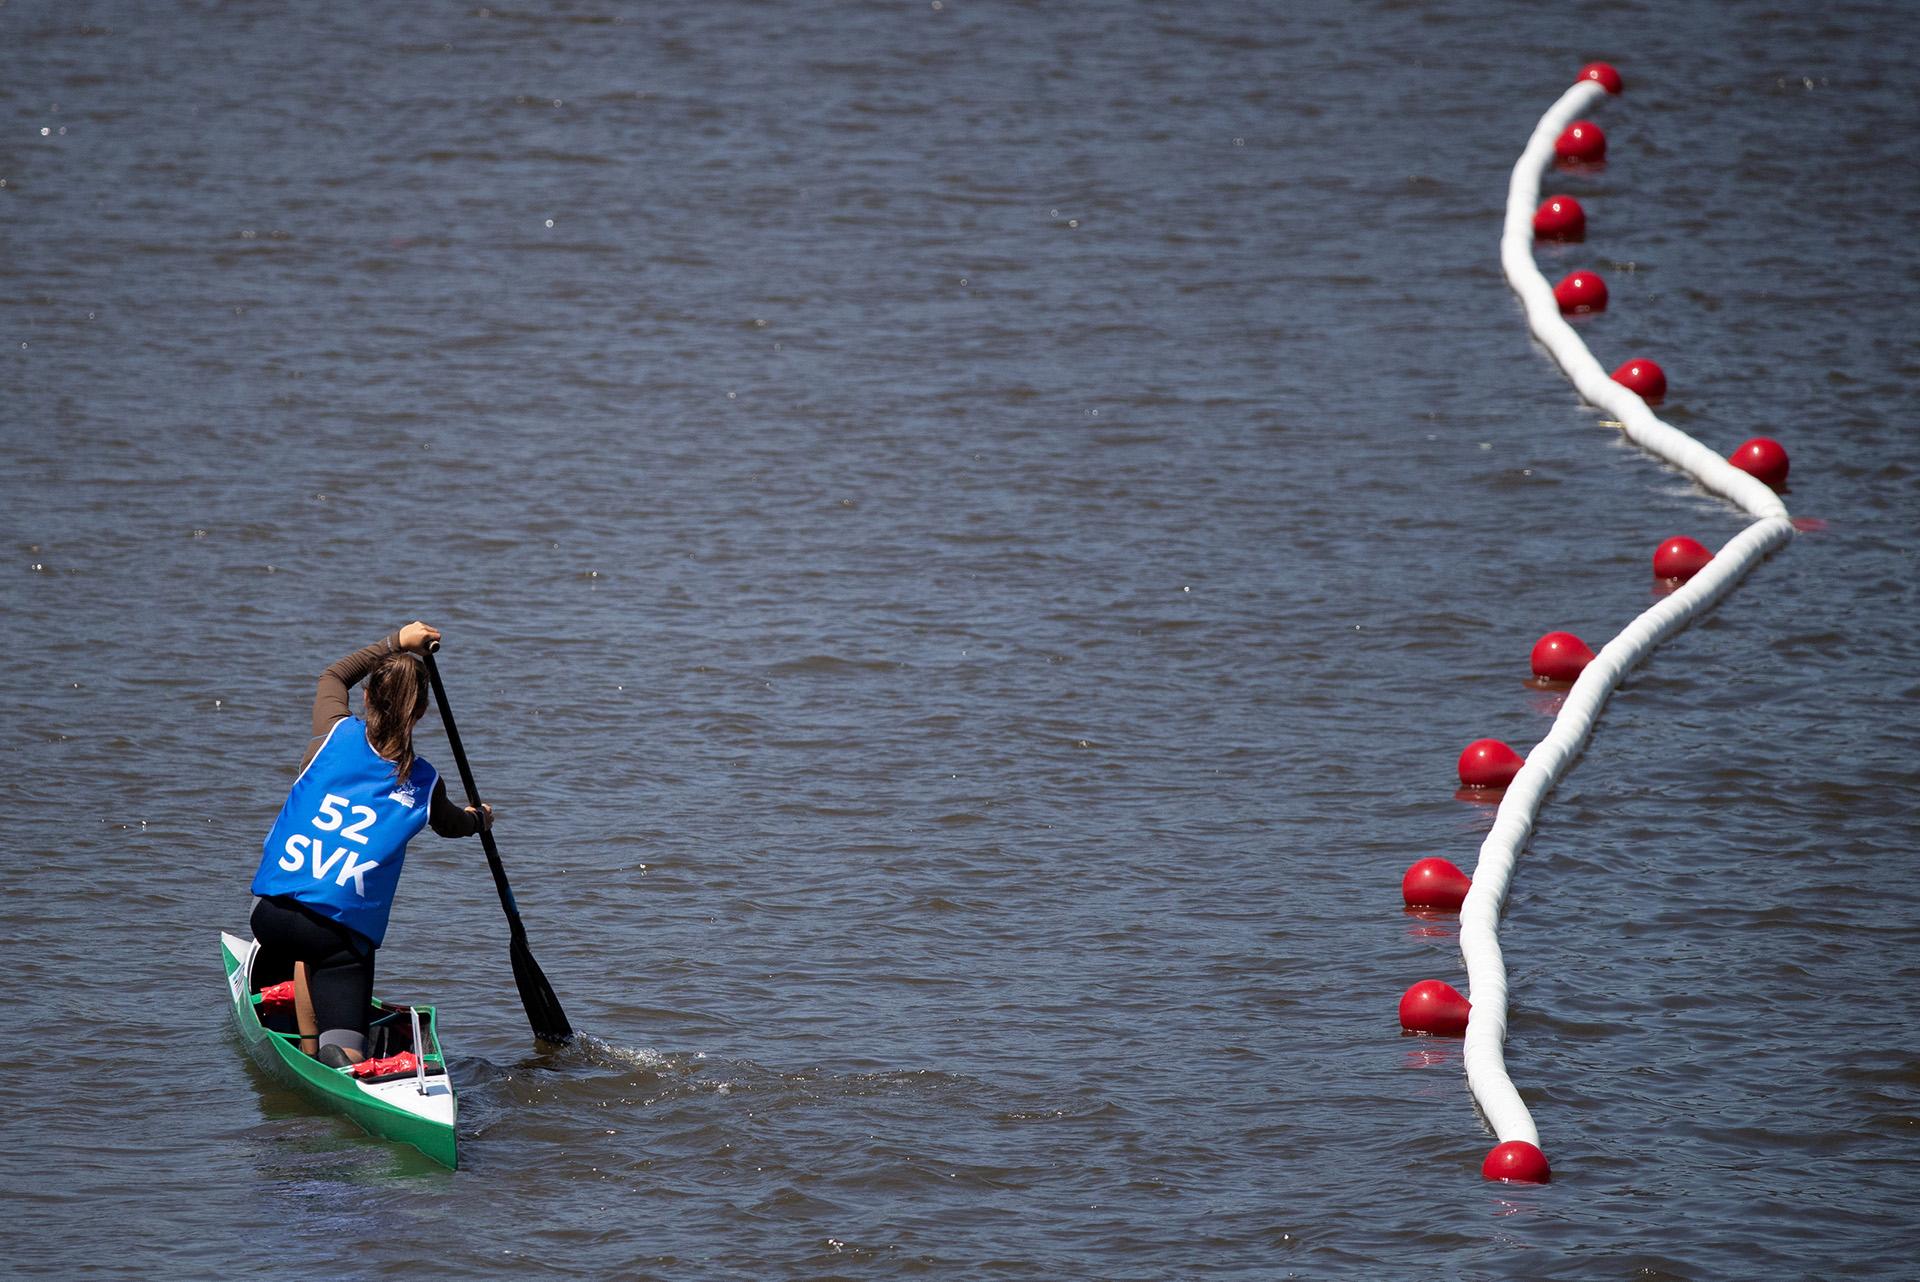 La eslovaca Emanuela Luknarovafue una de las más rápidas en losDiques de Puerto Madero (Foto: REUTERS)